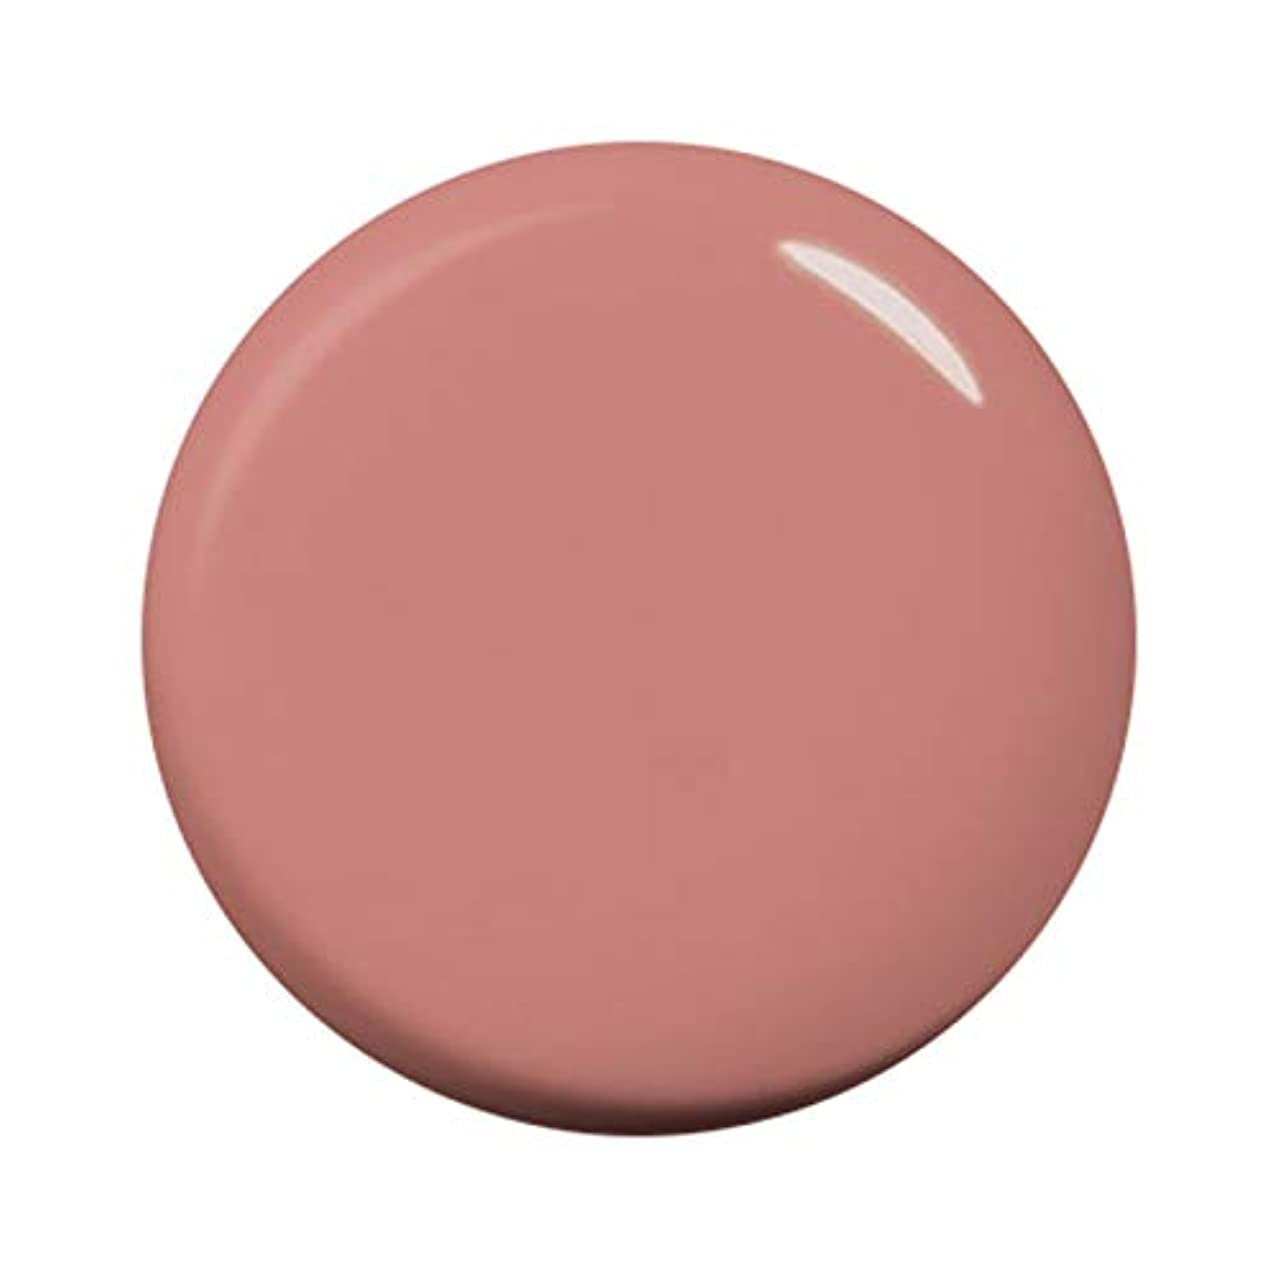 印象的蒸し器練るpara gel パラジェル カラージェル FD01 スプリングローズ 2g